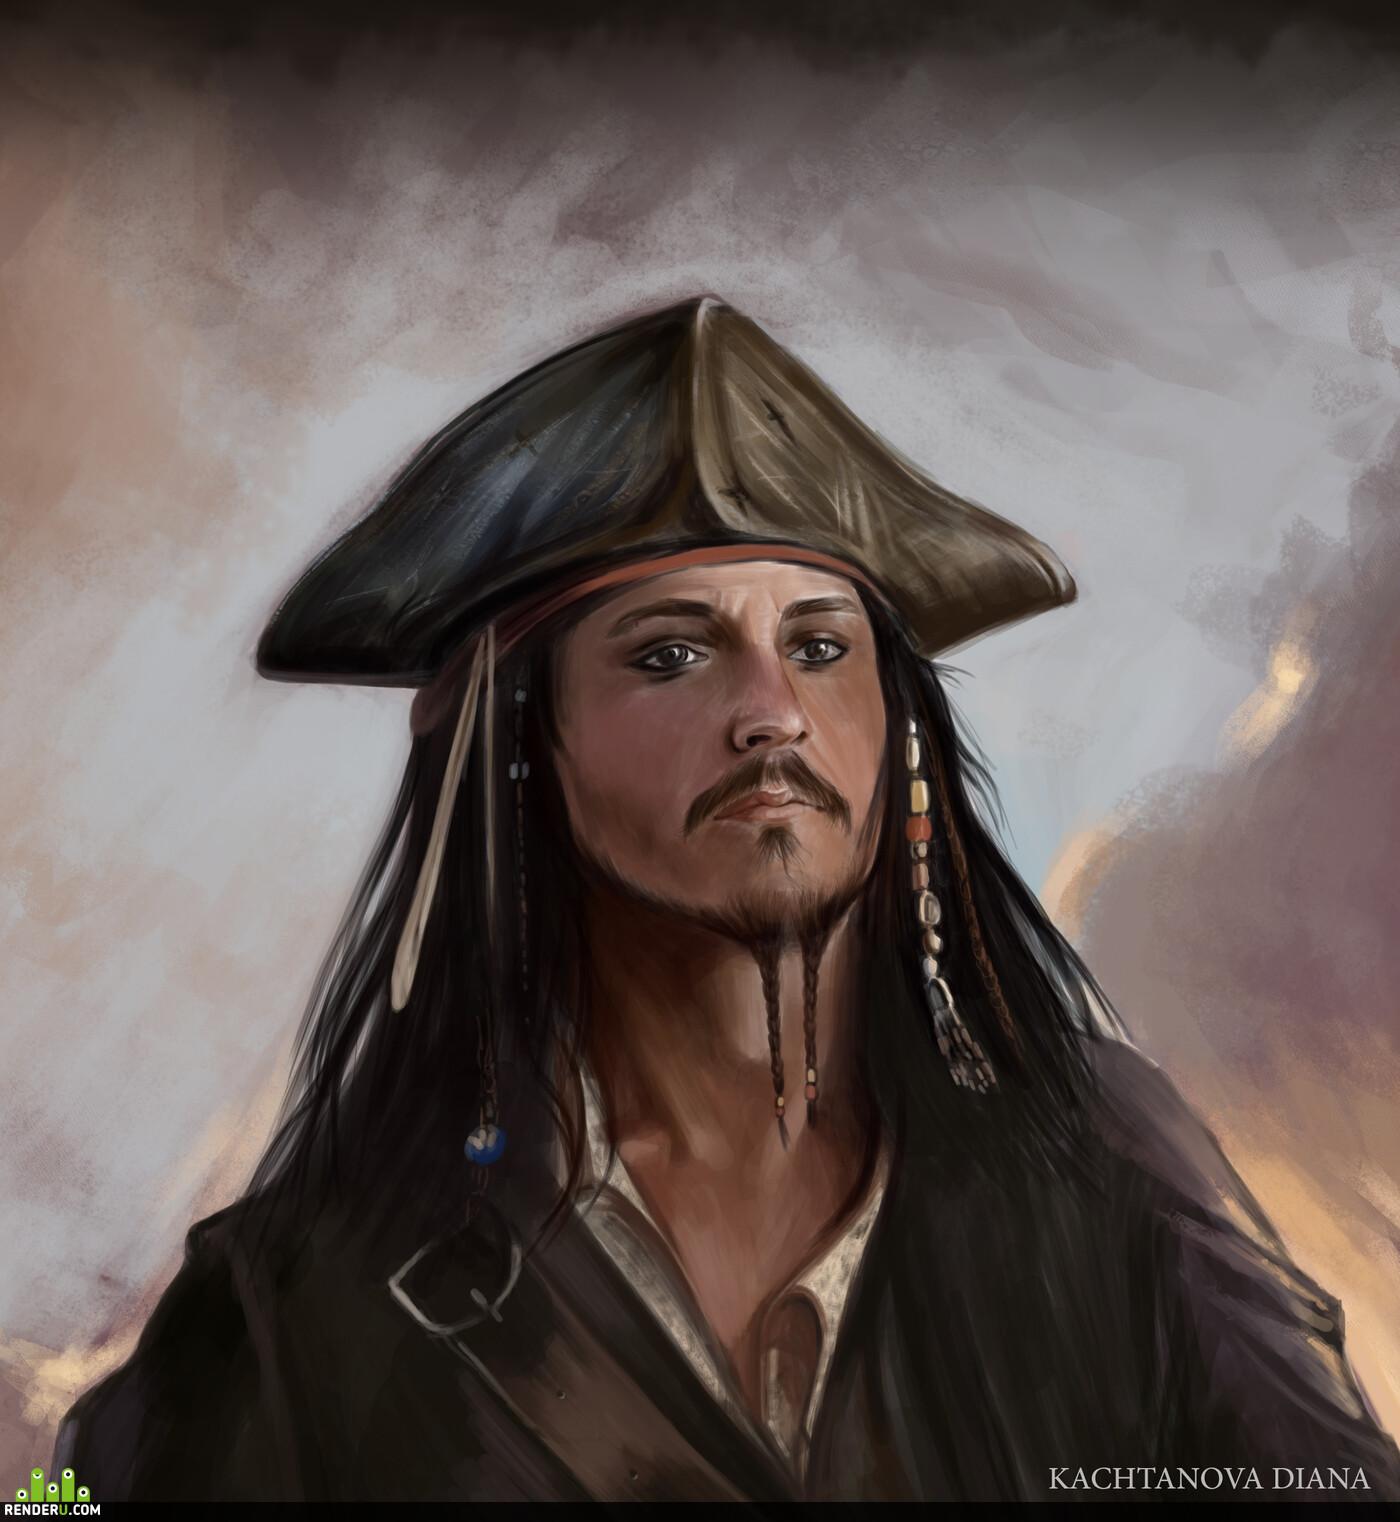 Джек Воробей, Пираты Карибского моря, Джонни Депп, актер, Концепт-арт, дигитал арт, фотошоп, портрет, иллюстрация